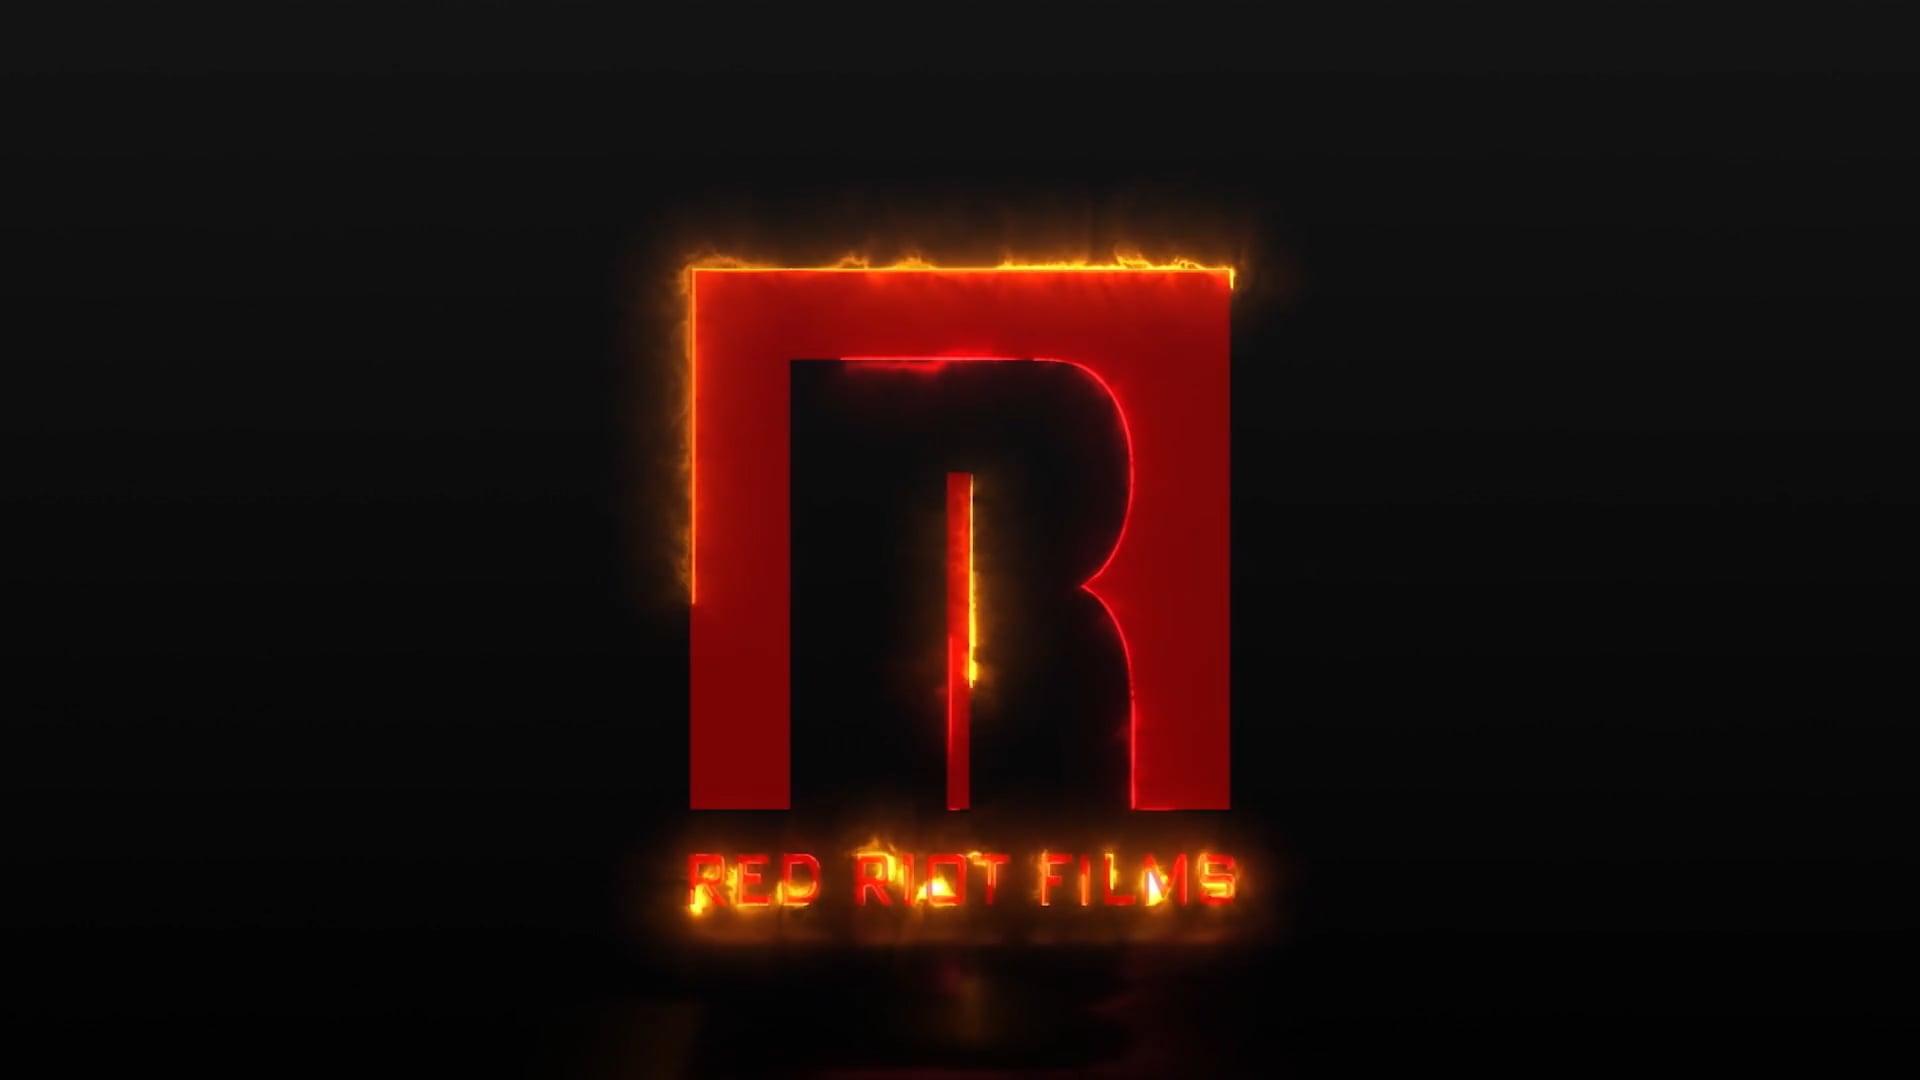 RED RIOT FILMS REEL